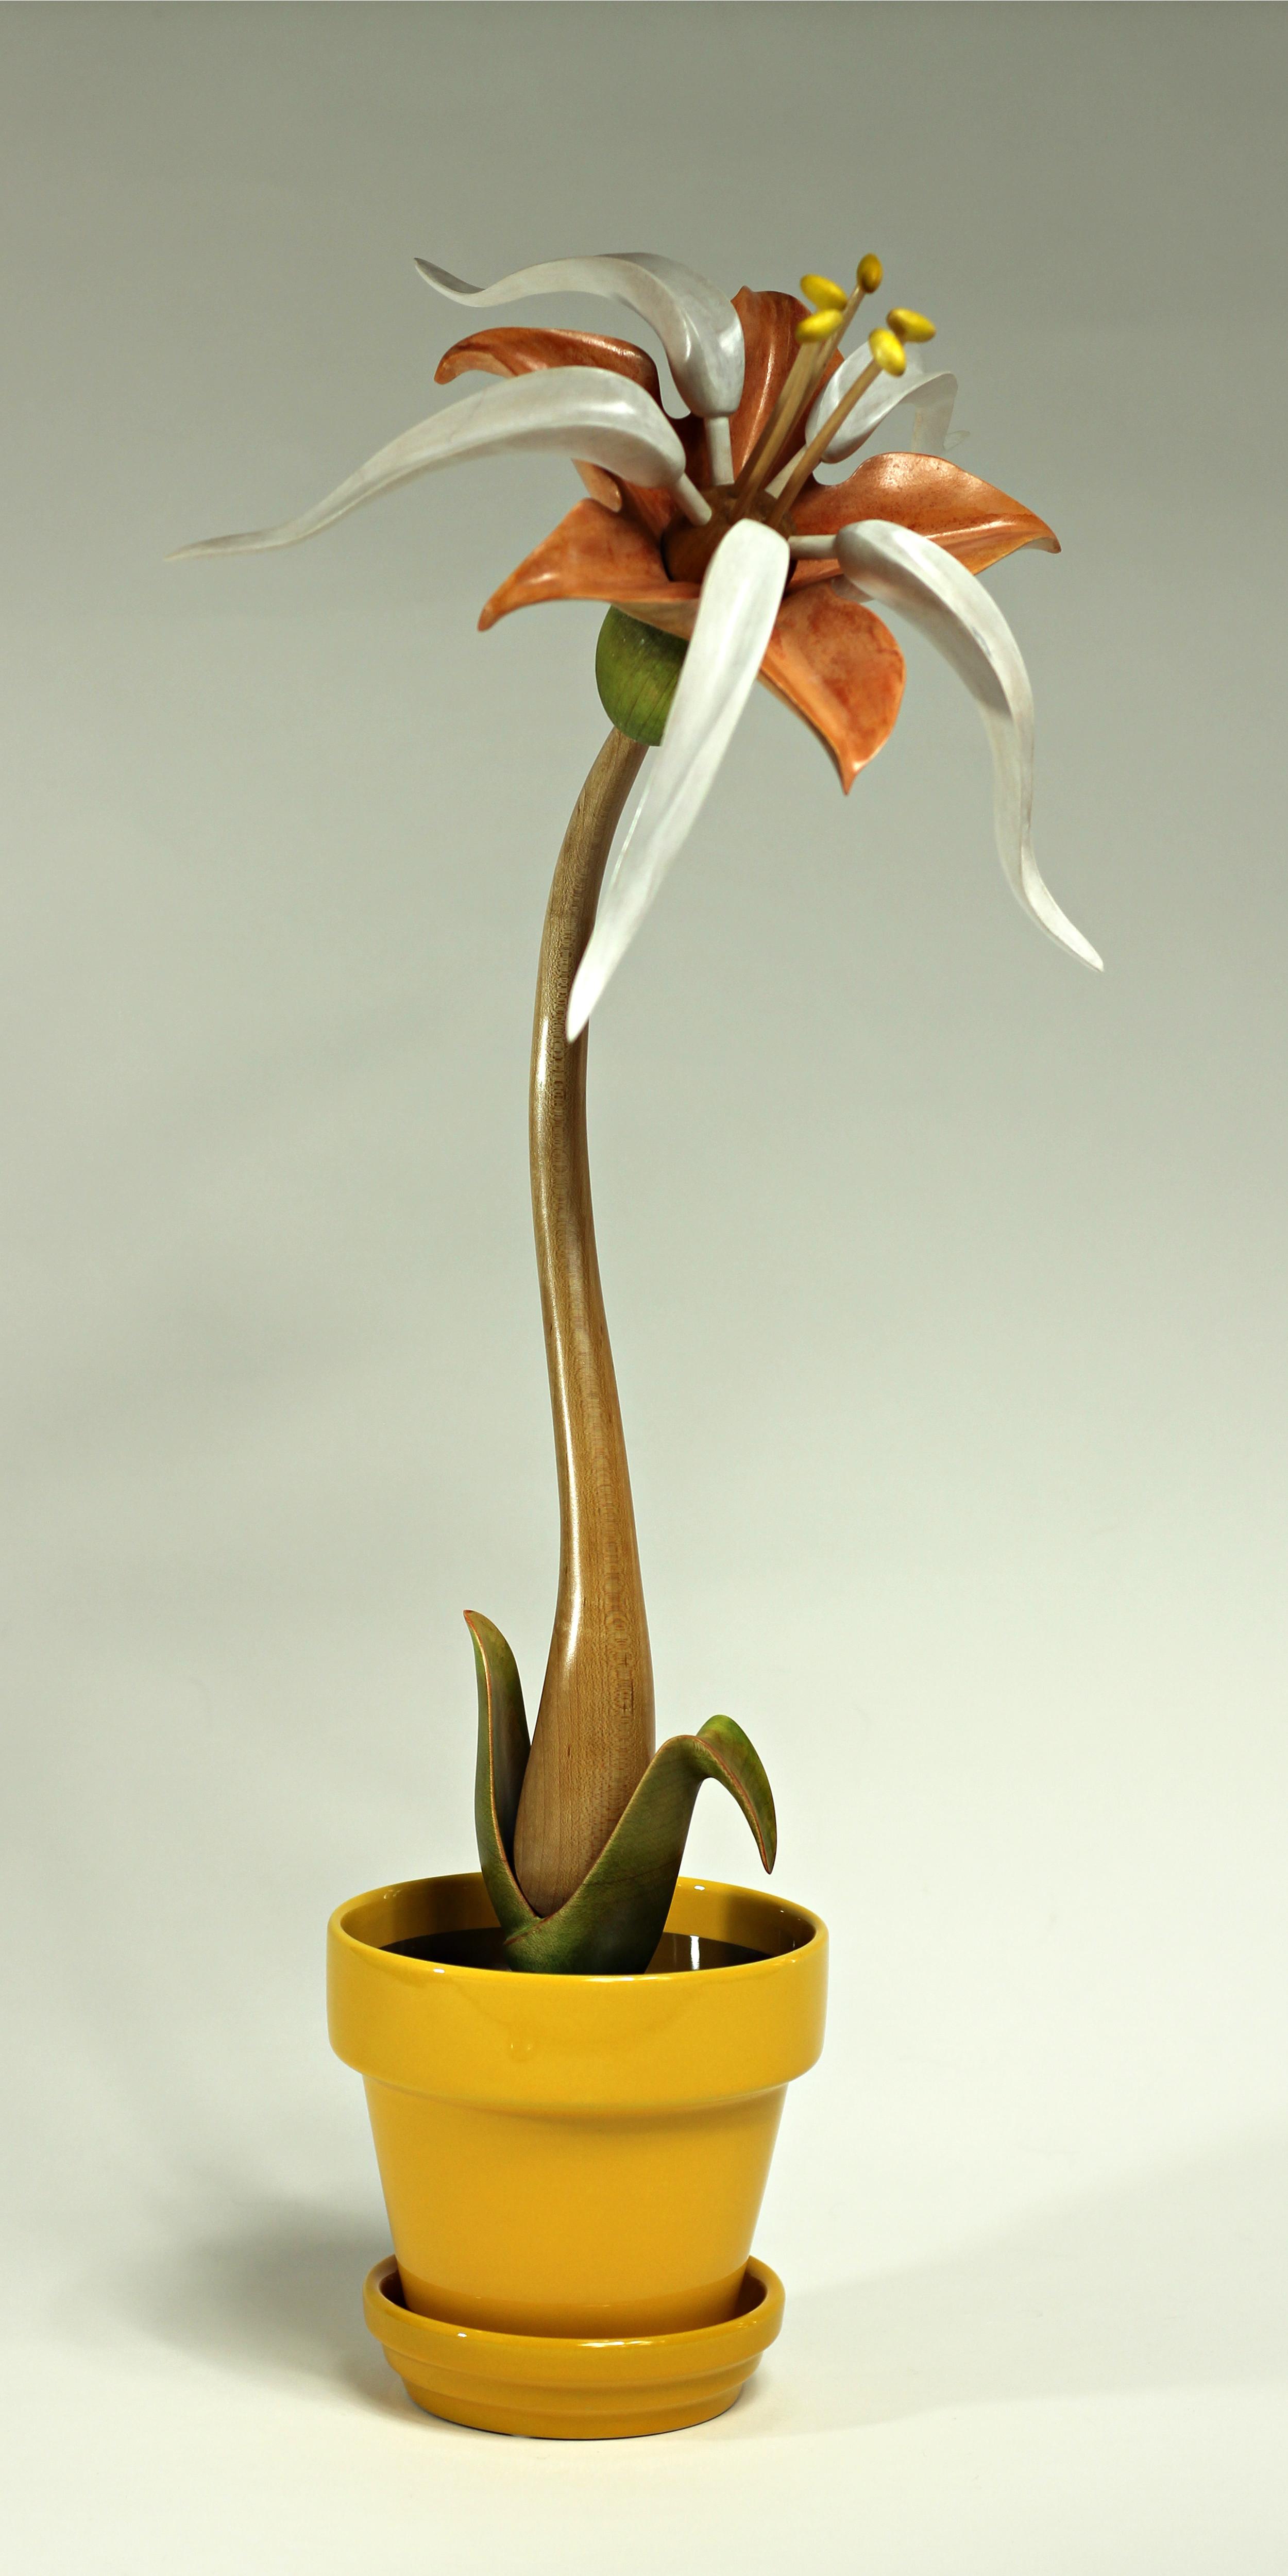 Bloom #15 by Sam Hingston